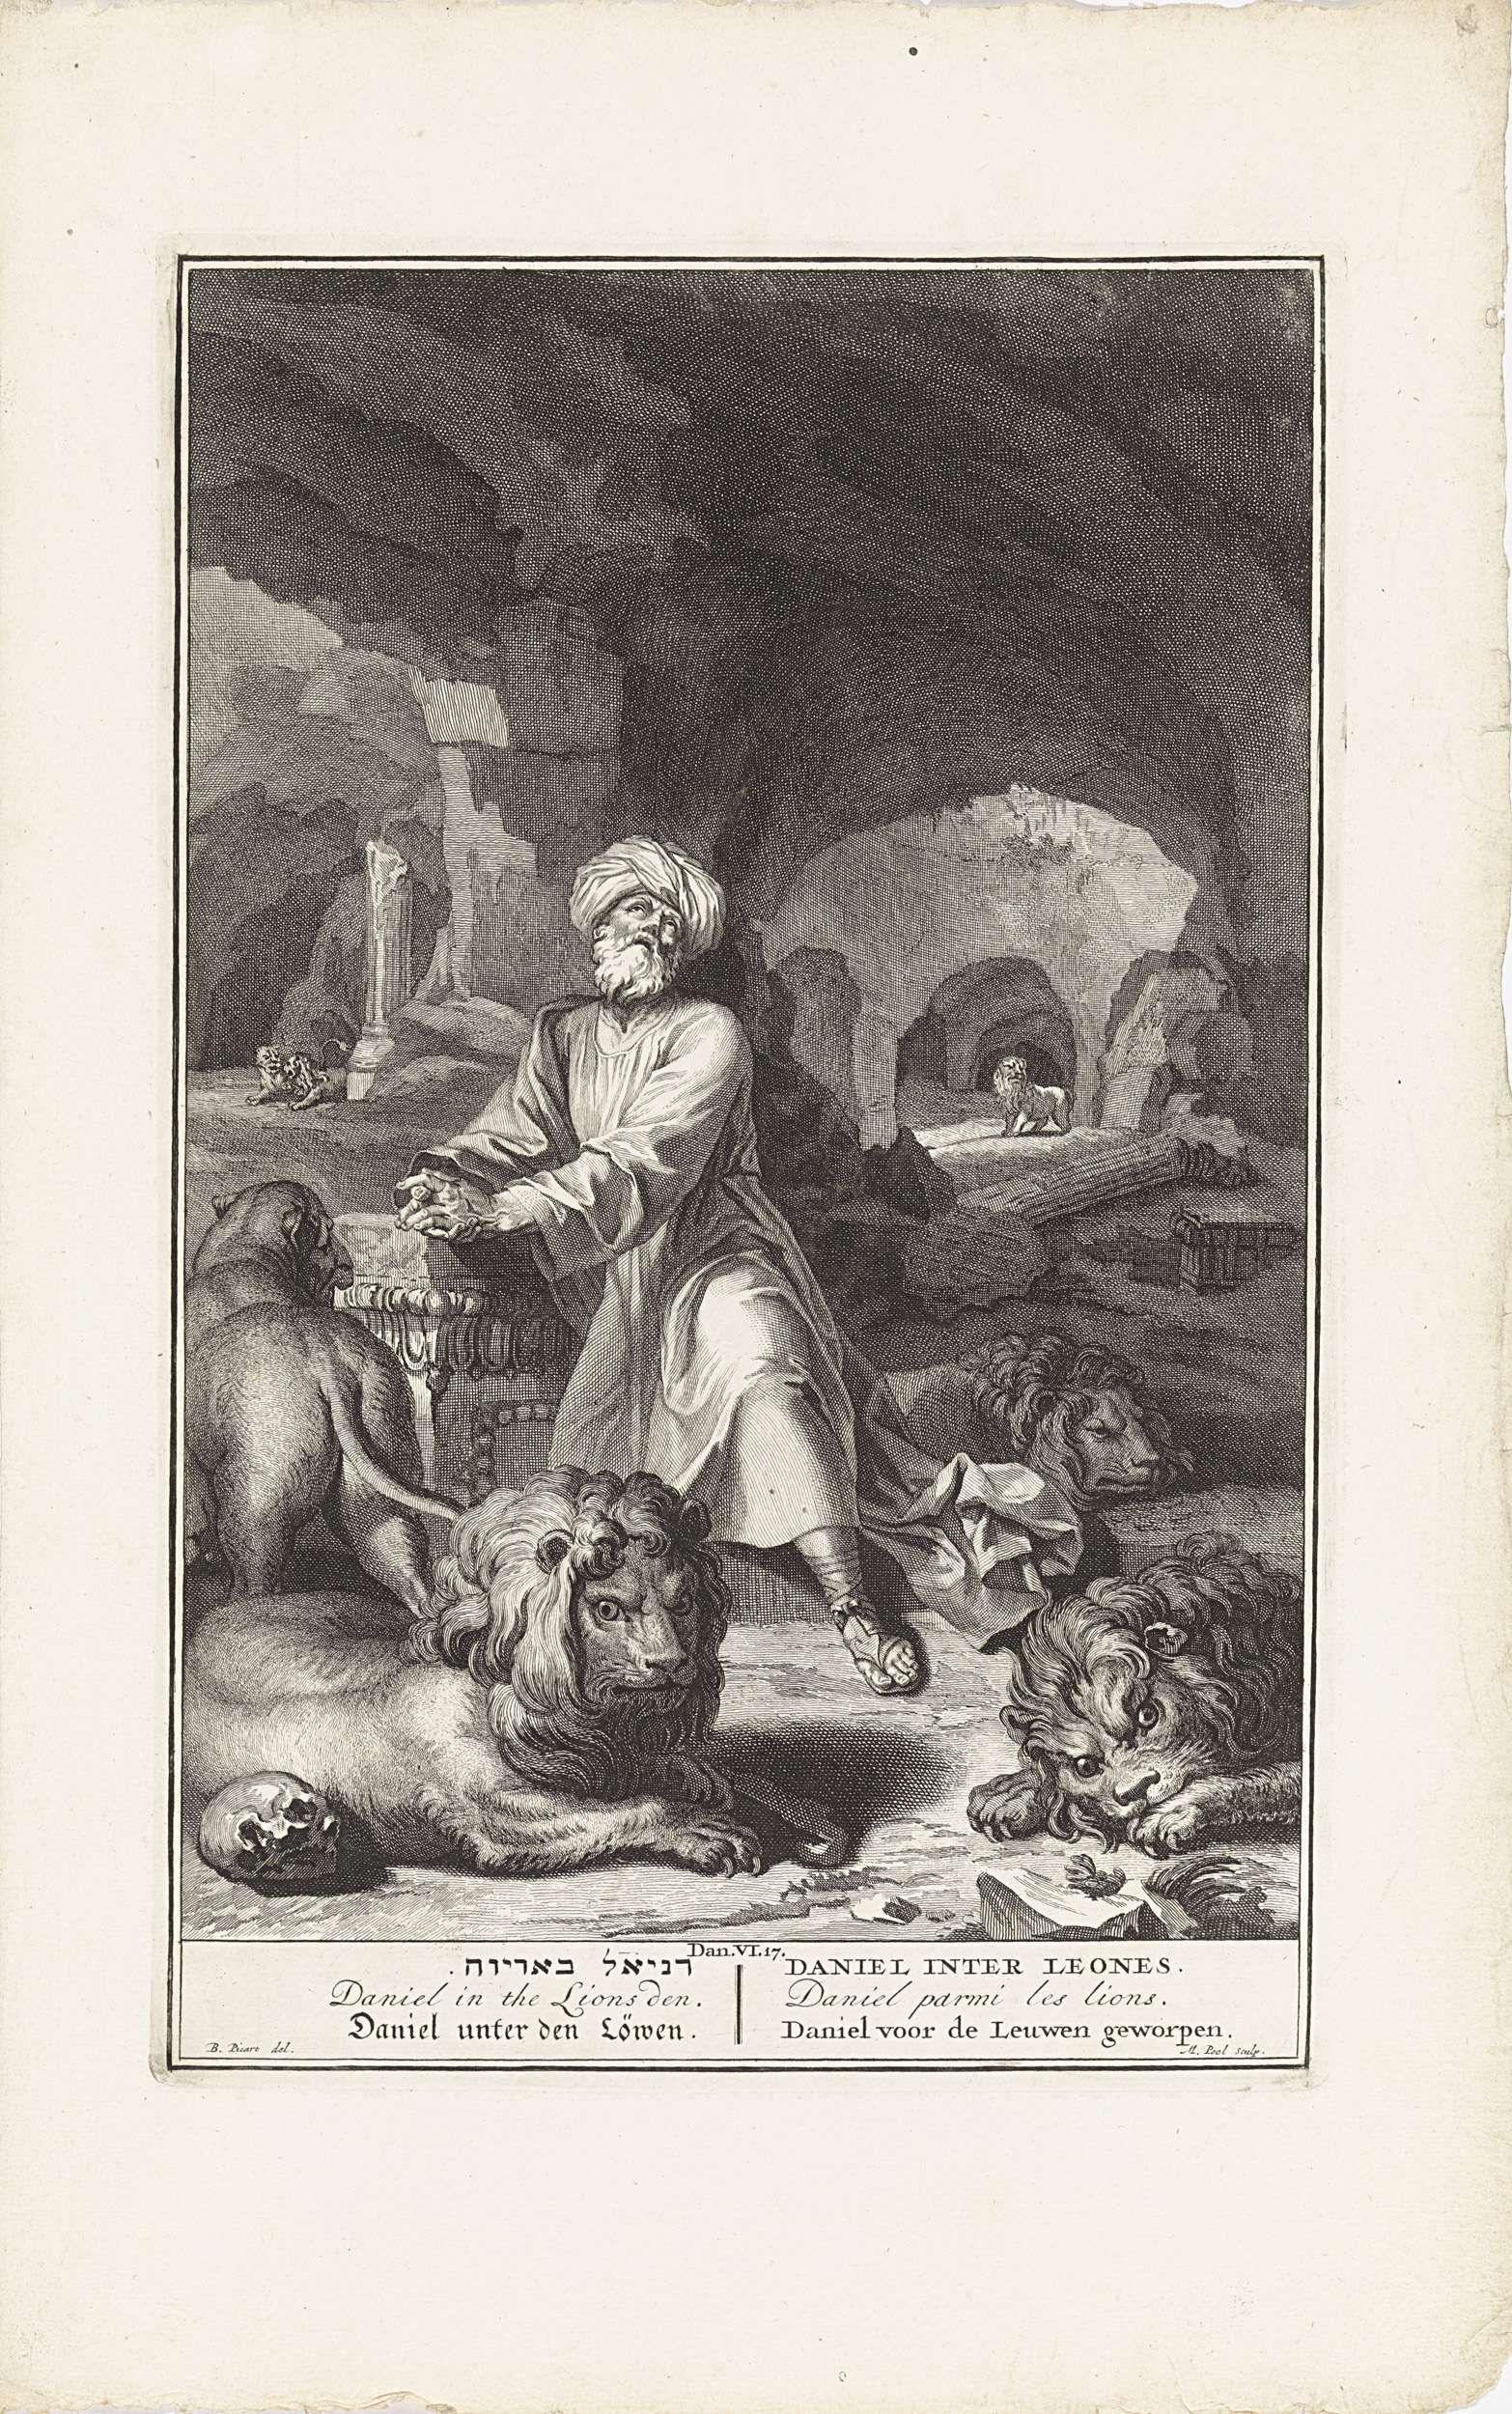 Matthijs Pool | Daniël in de leeuwenkuil, Matthijs Pool, 1705 - 1720 | Daniël zit geknield in een grot, omringd door leeuwen. Illustratie van de bijbeltekst Dan. 6:17. Onder de voorstelling de titel in het Hebreeuws, Engels, Duits, Latijn, Frans en Nederlands.